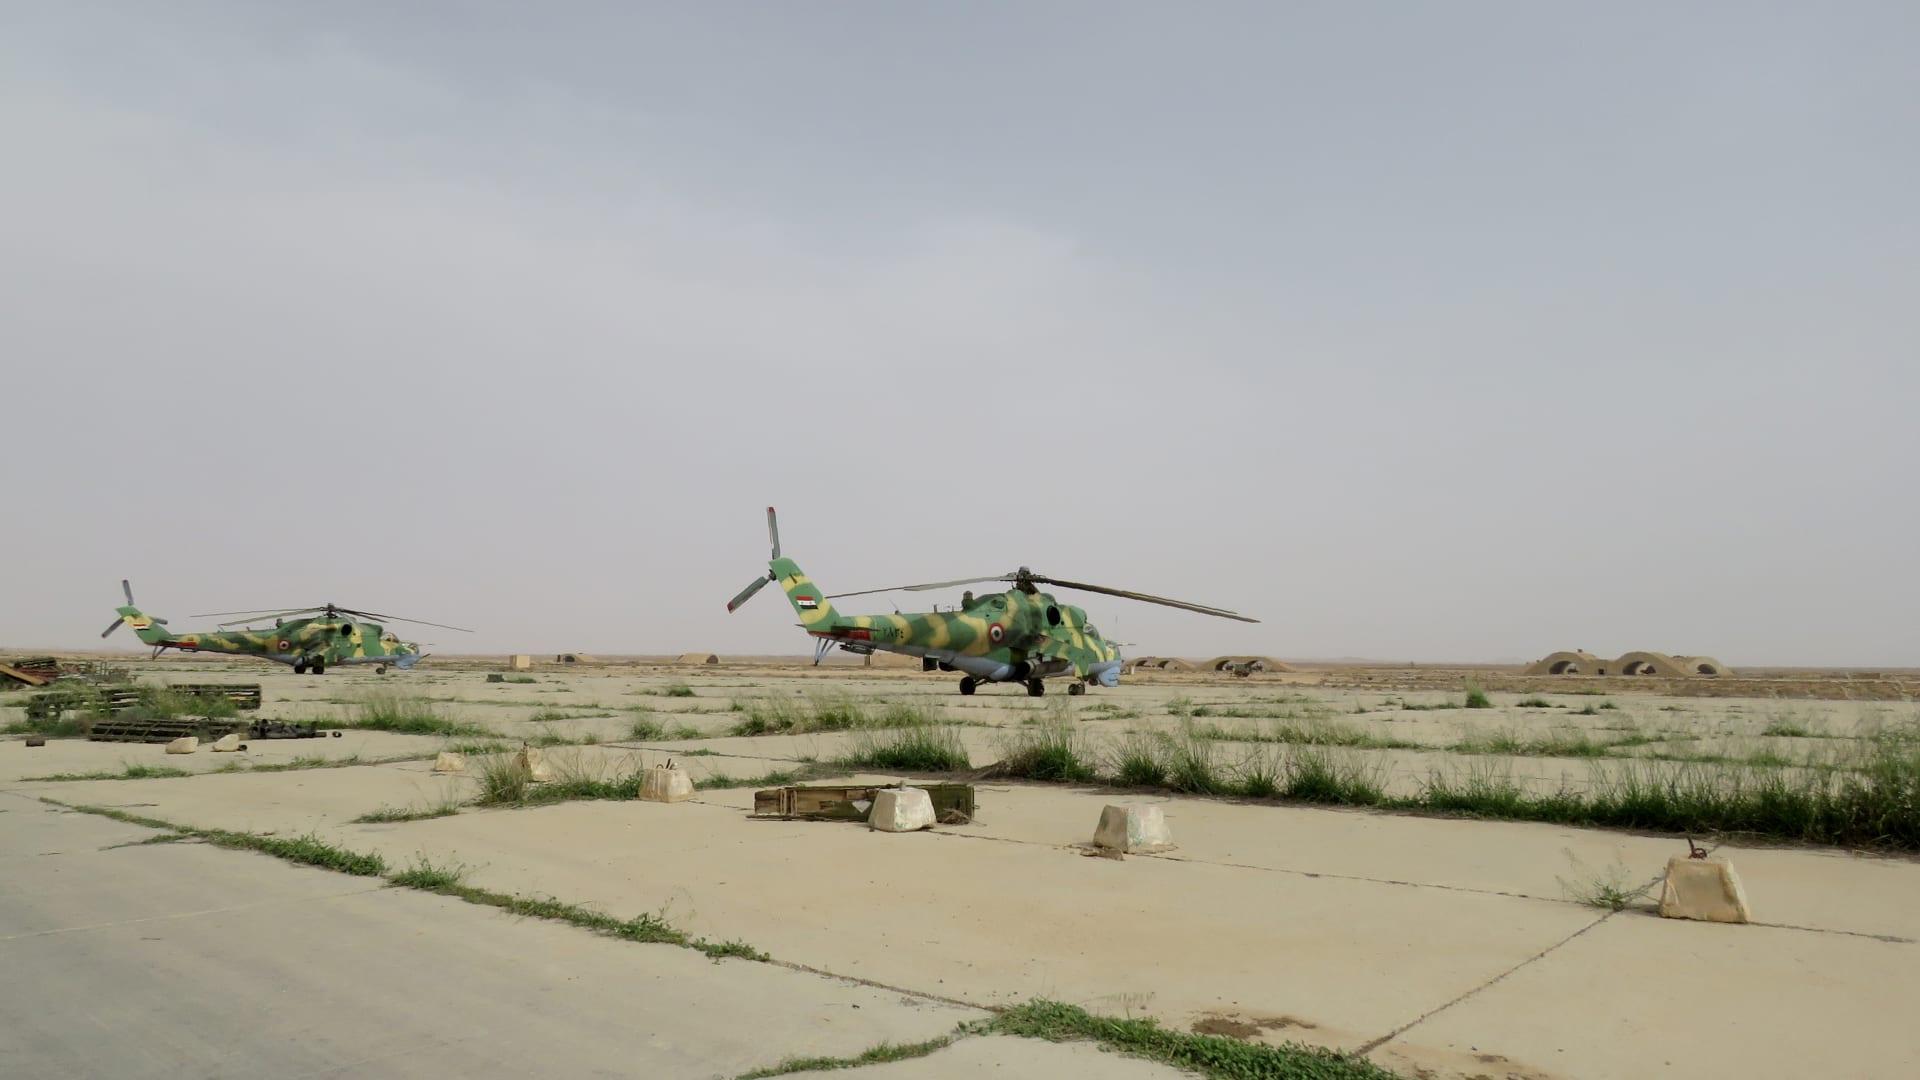 مسؤولان أمريكيان: النظام السوري حرك مروحيات قرب إدلب.. وقلق من احتمال هجوم كيماوي